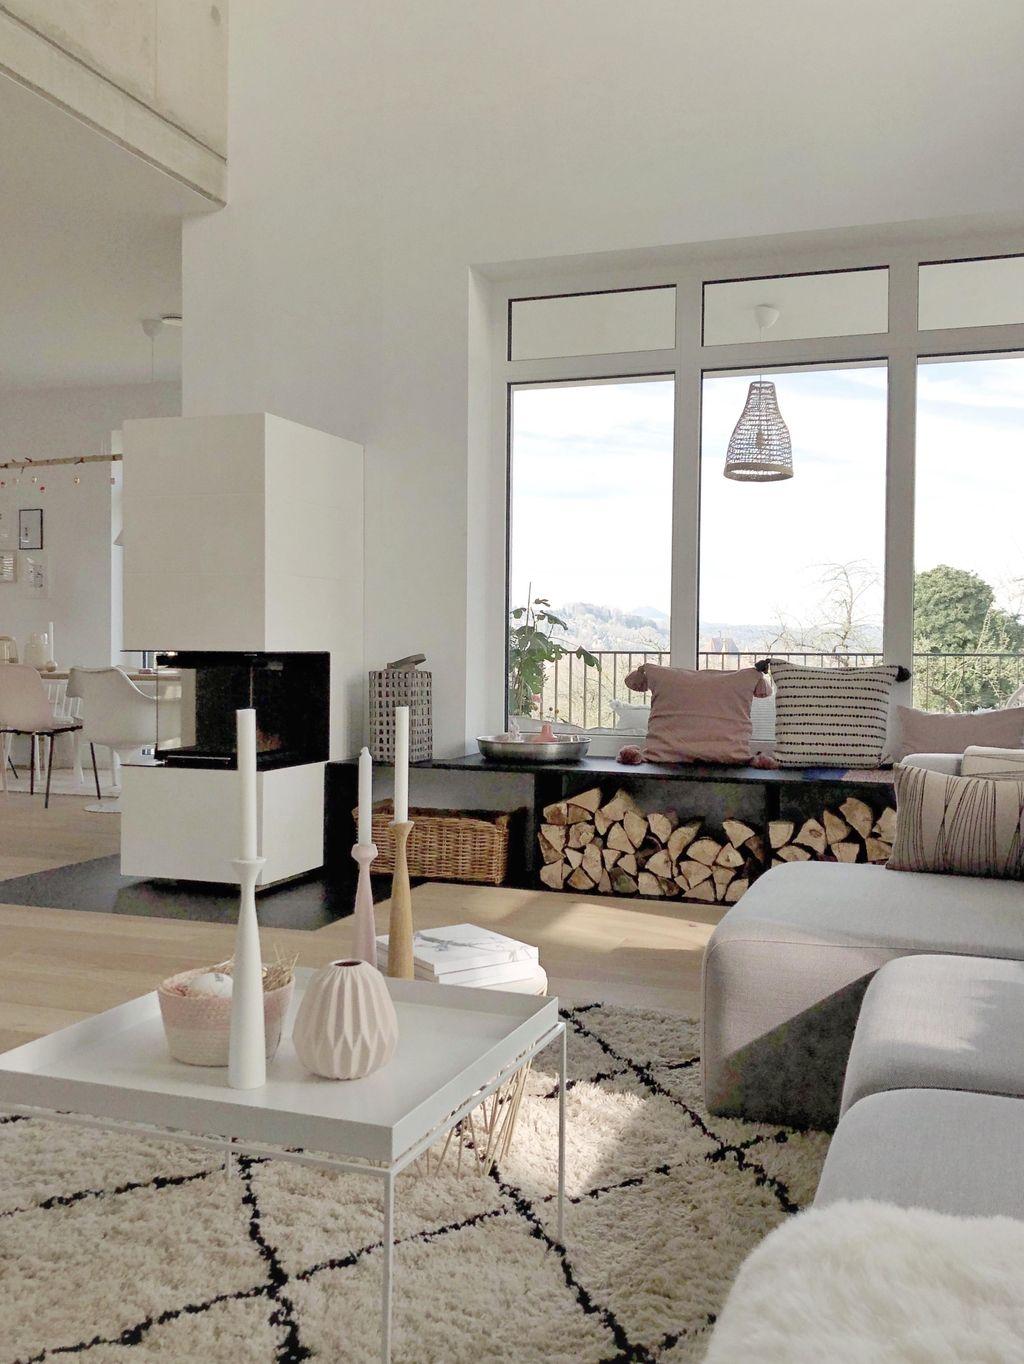 Good Morning Sunshine Wohnzimmer Livingroom Kaminbank Sitzbank Sitzfenster Kamin Nordichome In 2020 Minimalistisch Wohnen Wohnen Wohnung Wohnzimmer